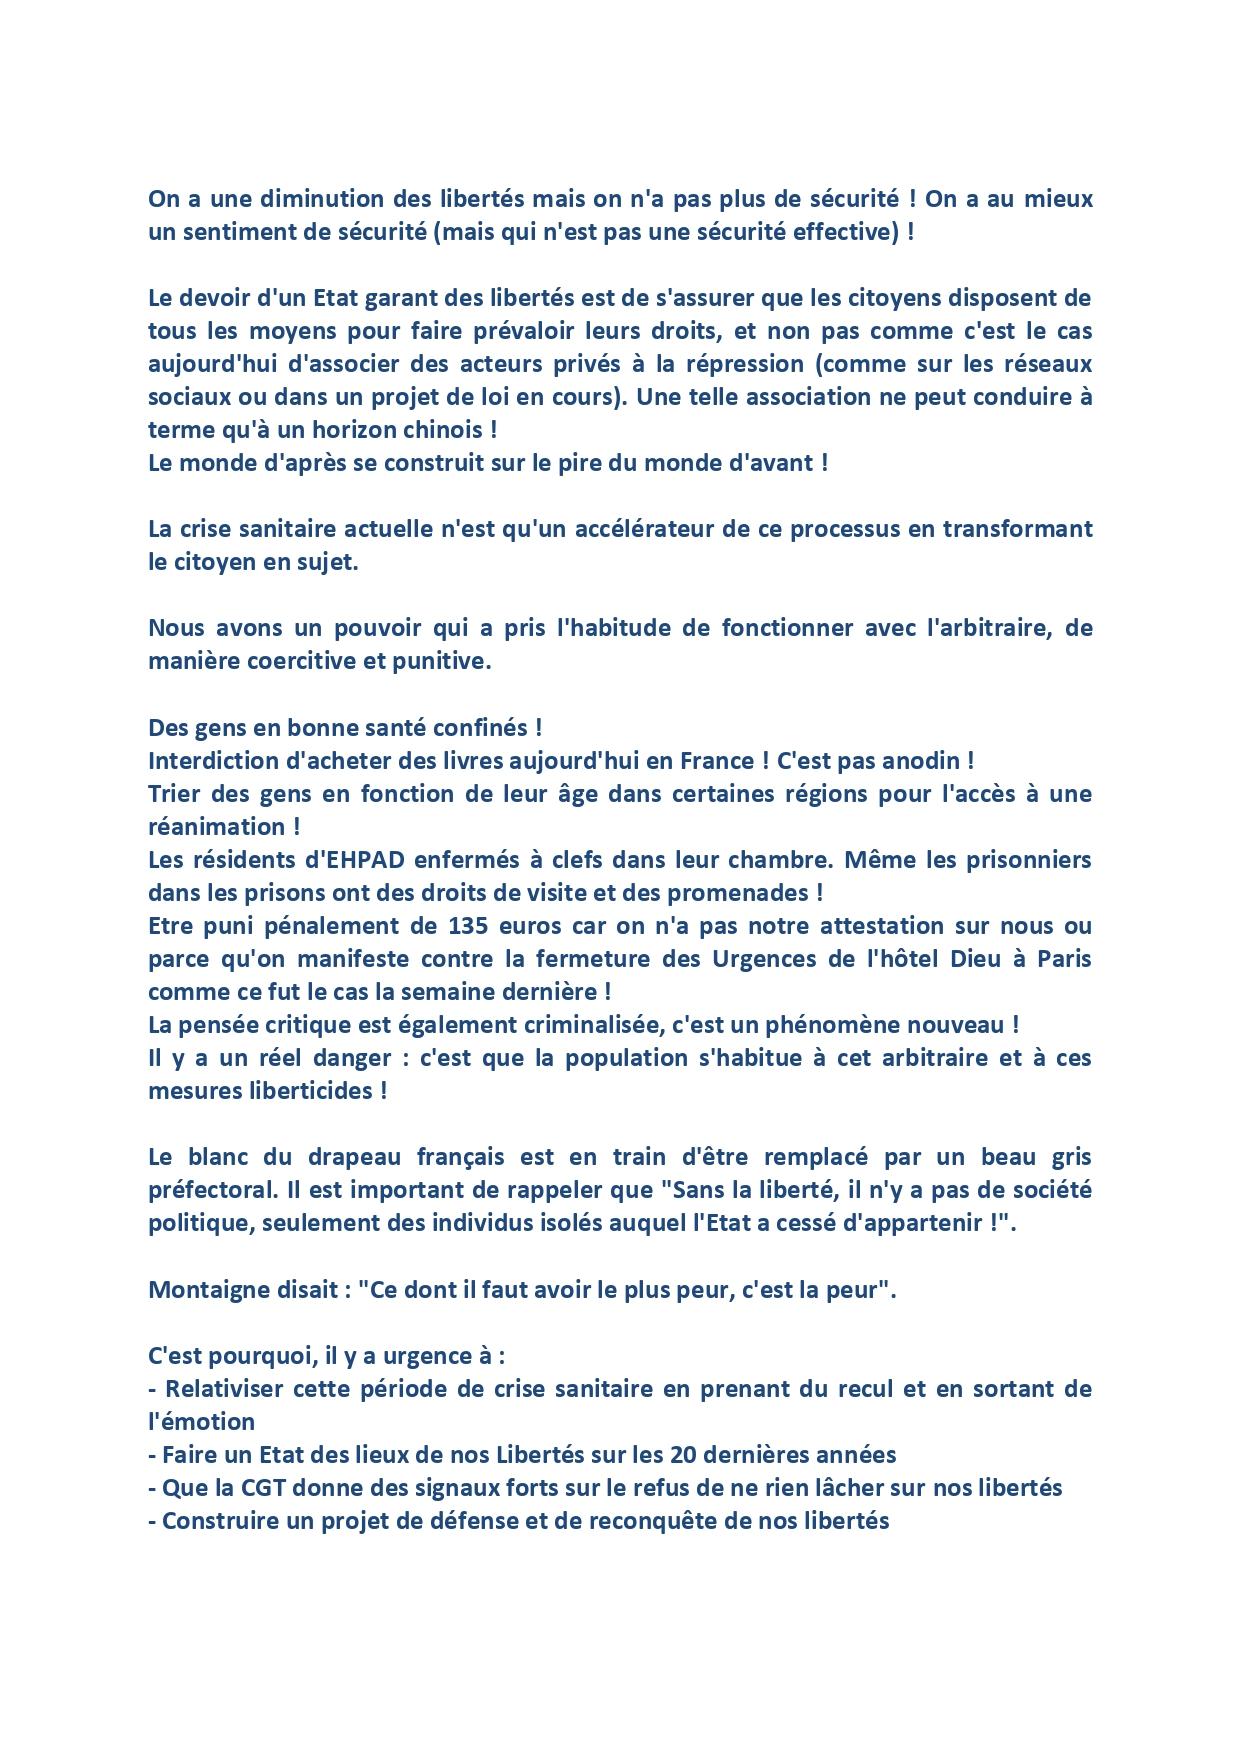 1307. Intervention CE Fédérale CGT Santé sur les Libertés (2 sur 2)